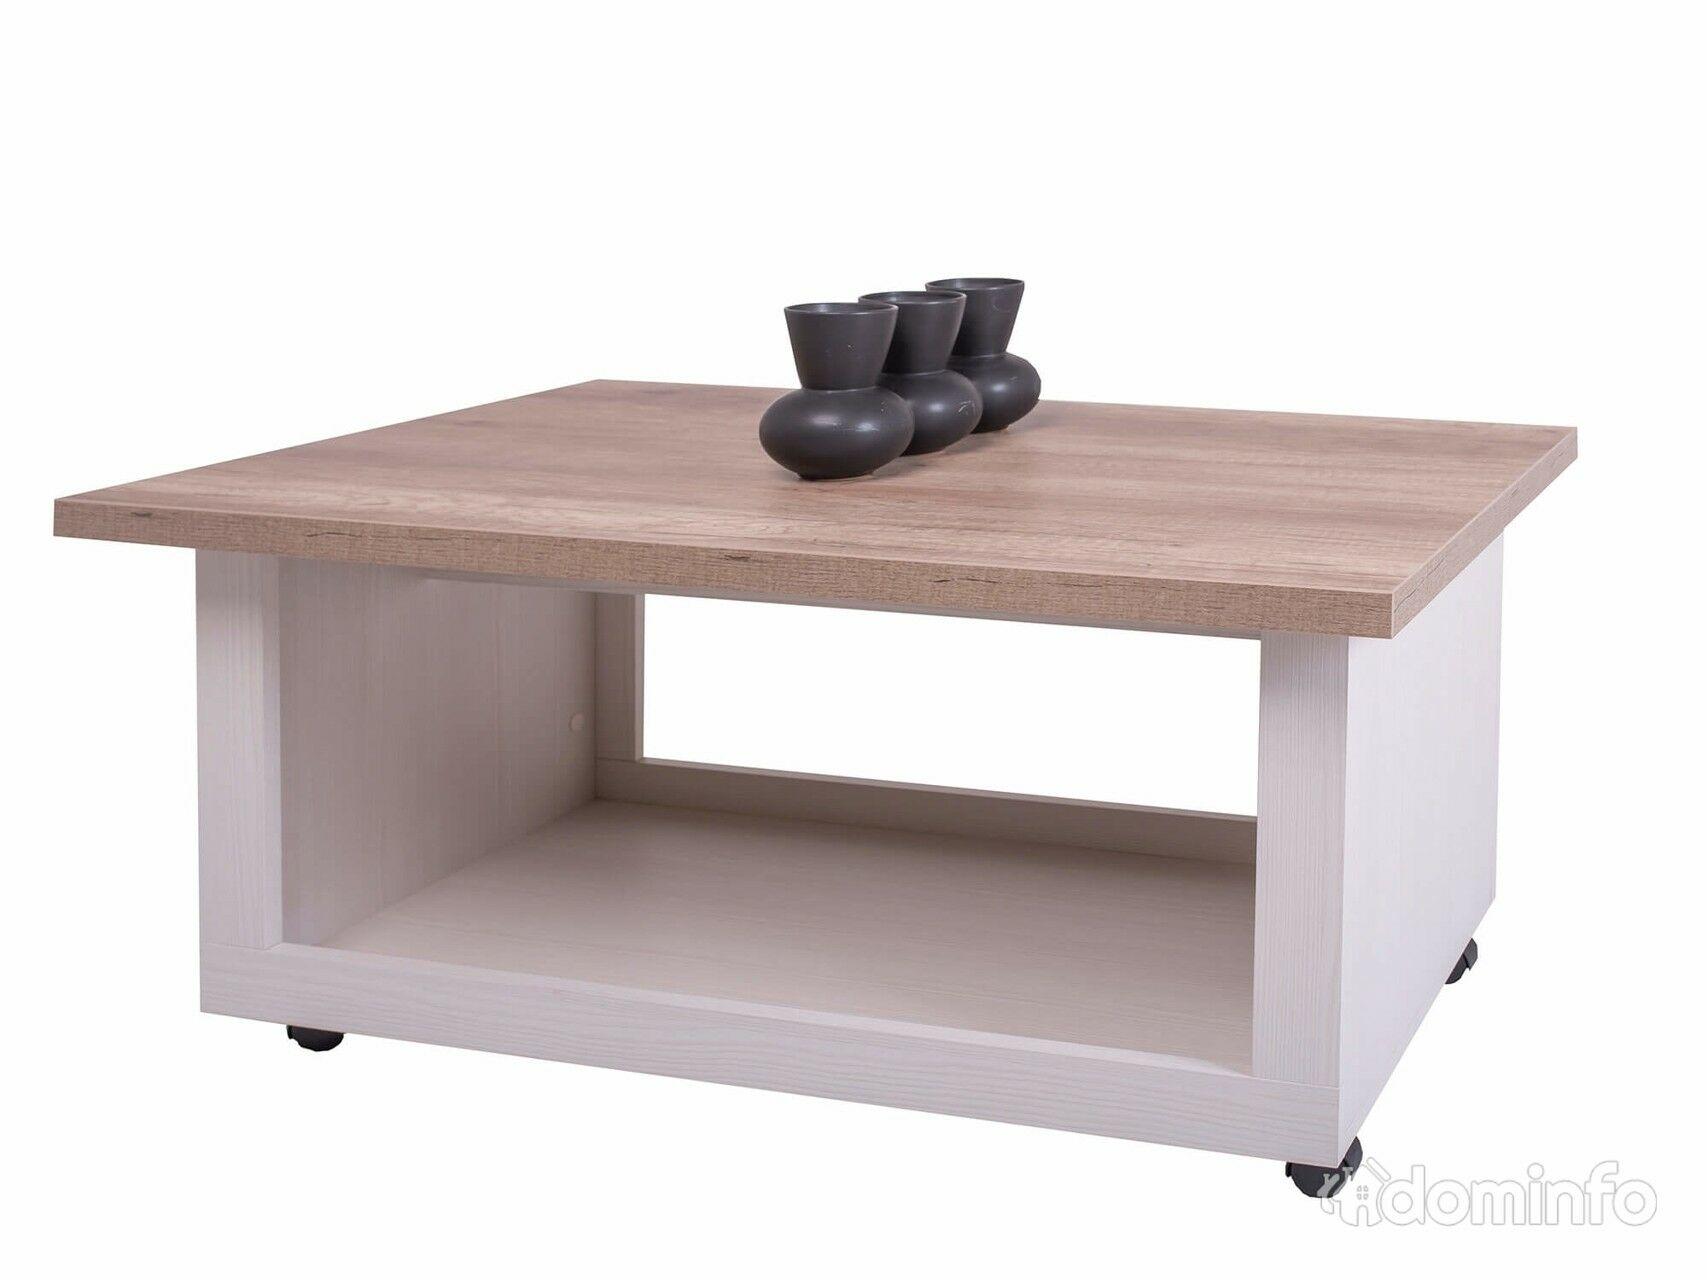 Как выбрать журнальный стол: сфера применения, размер и материалы